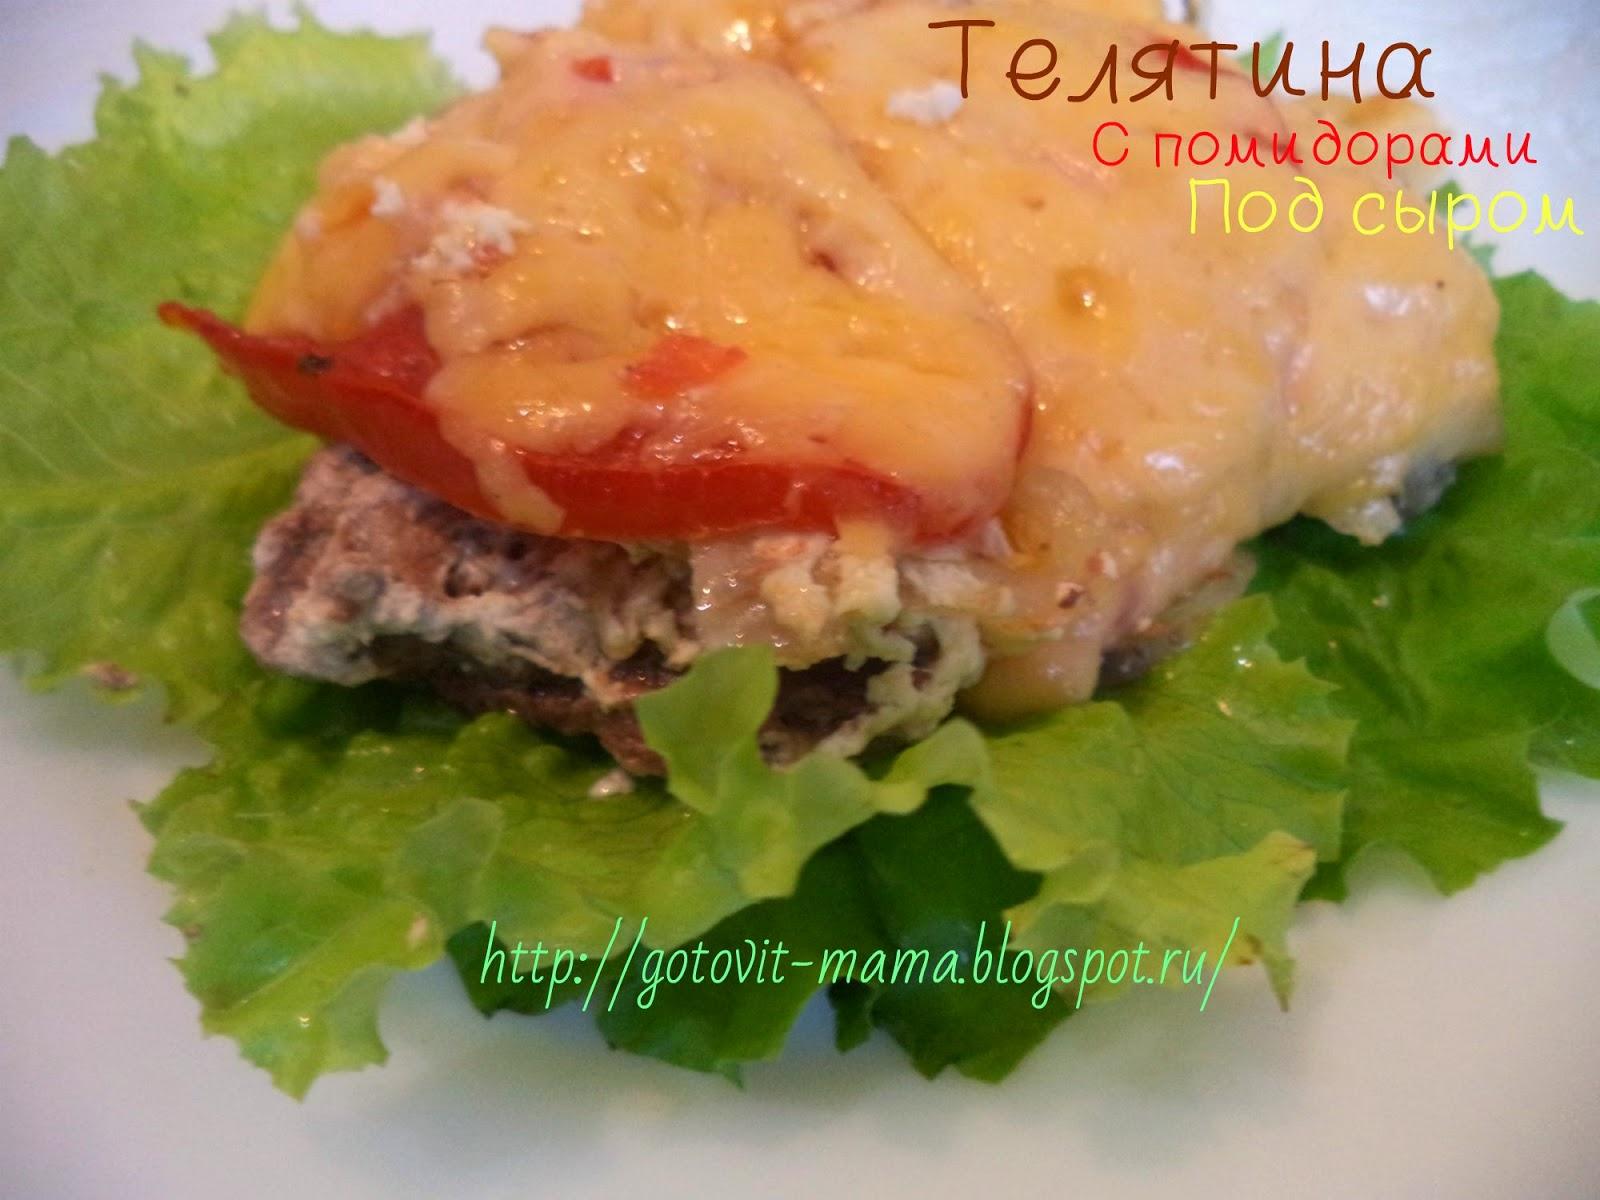 Мясо с помидорами с сыром в фольге пошаговый рецепт